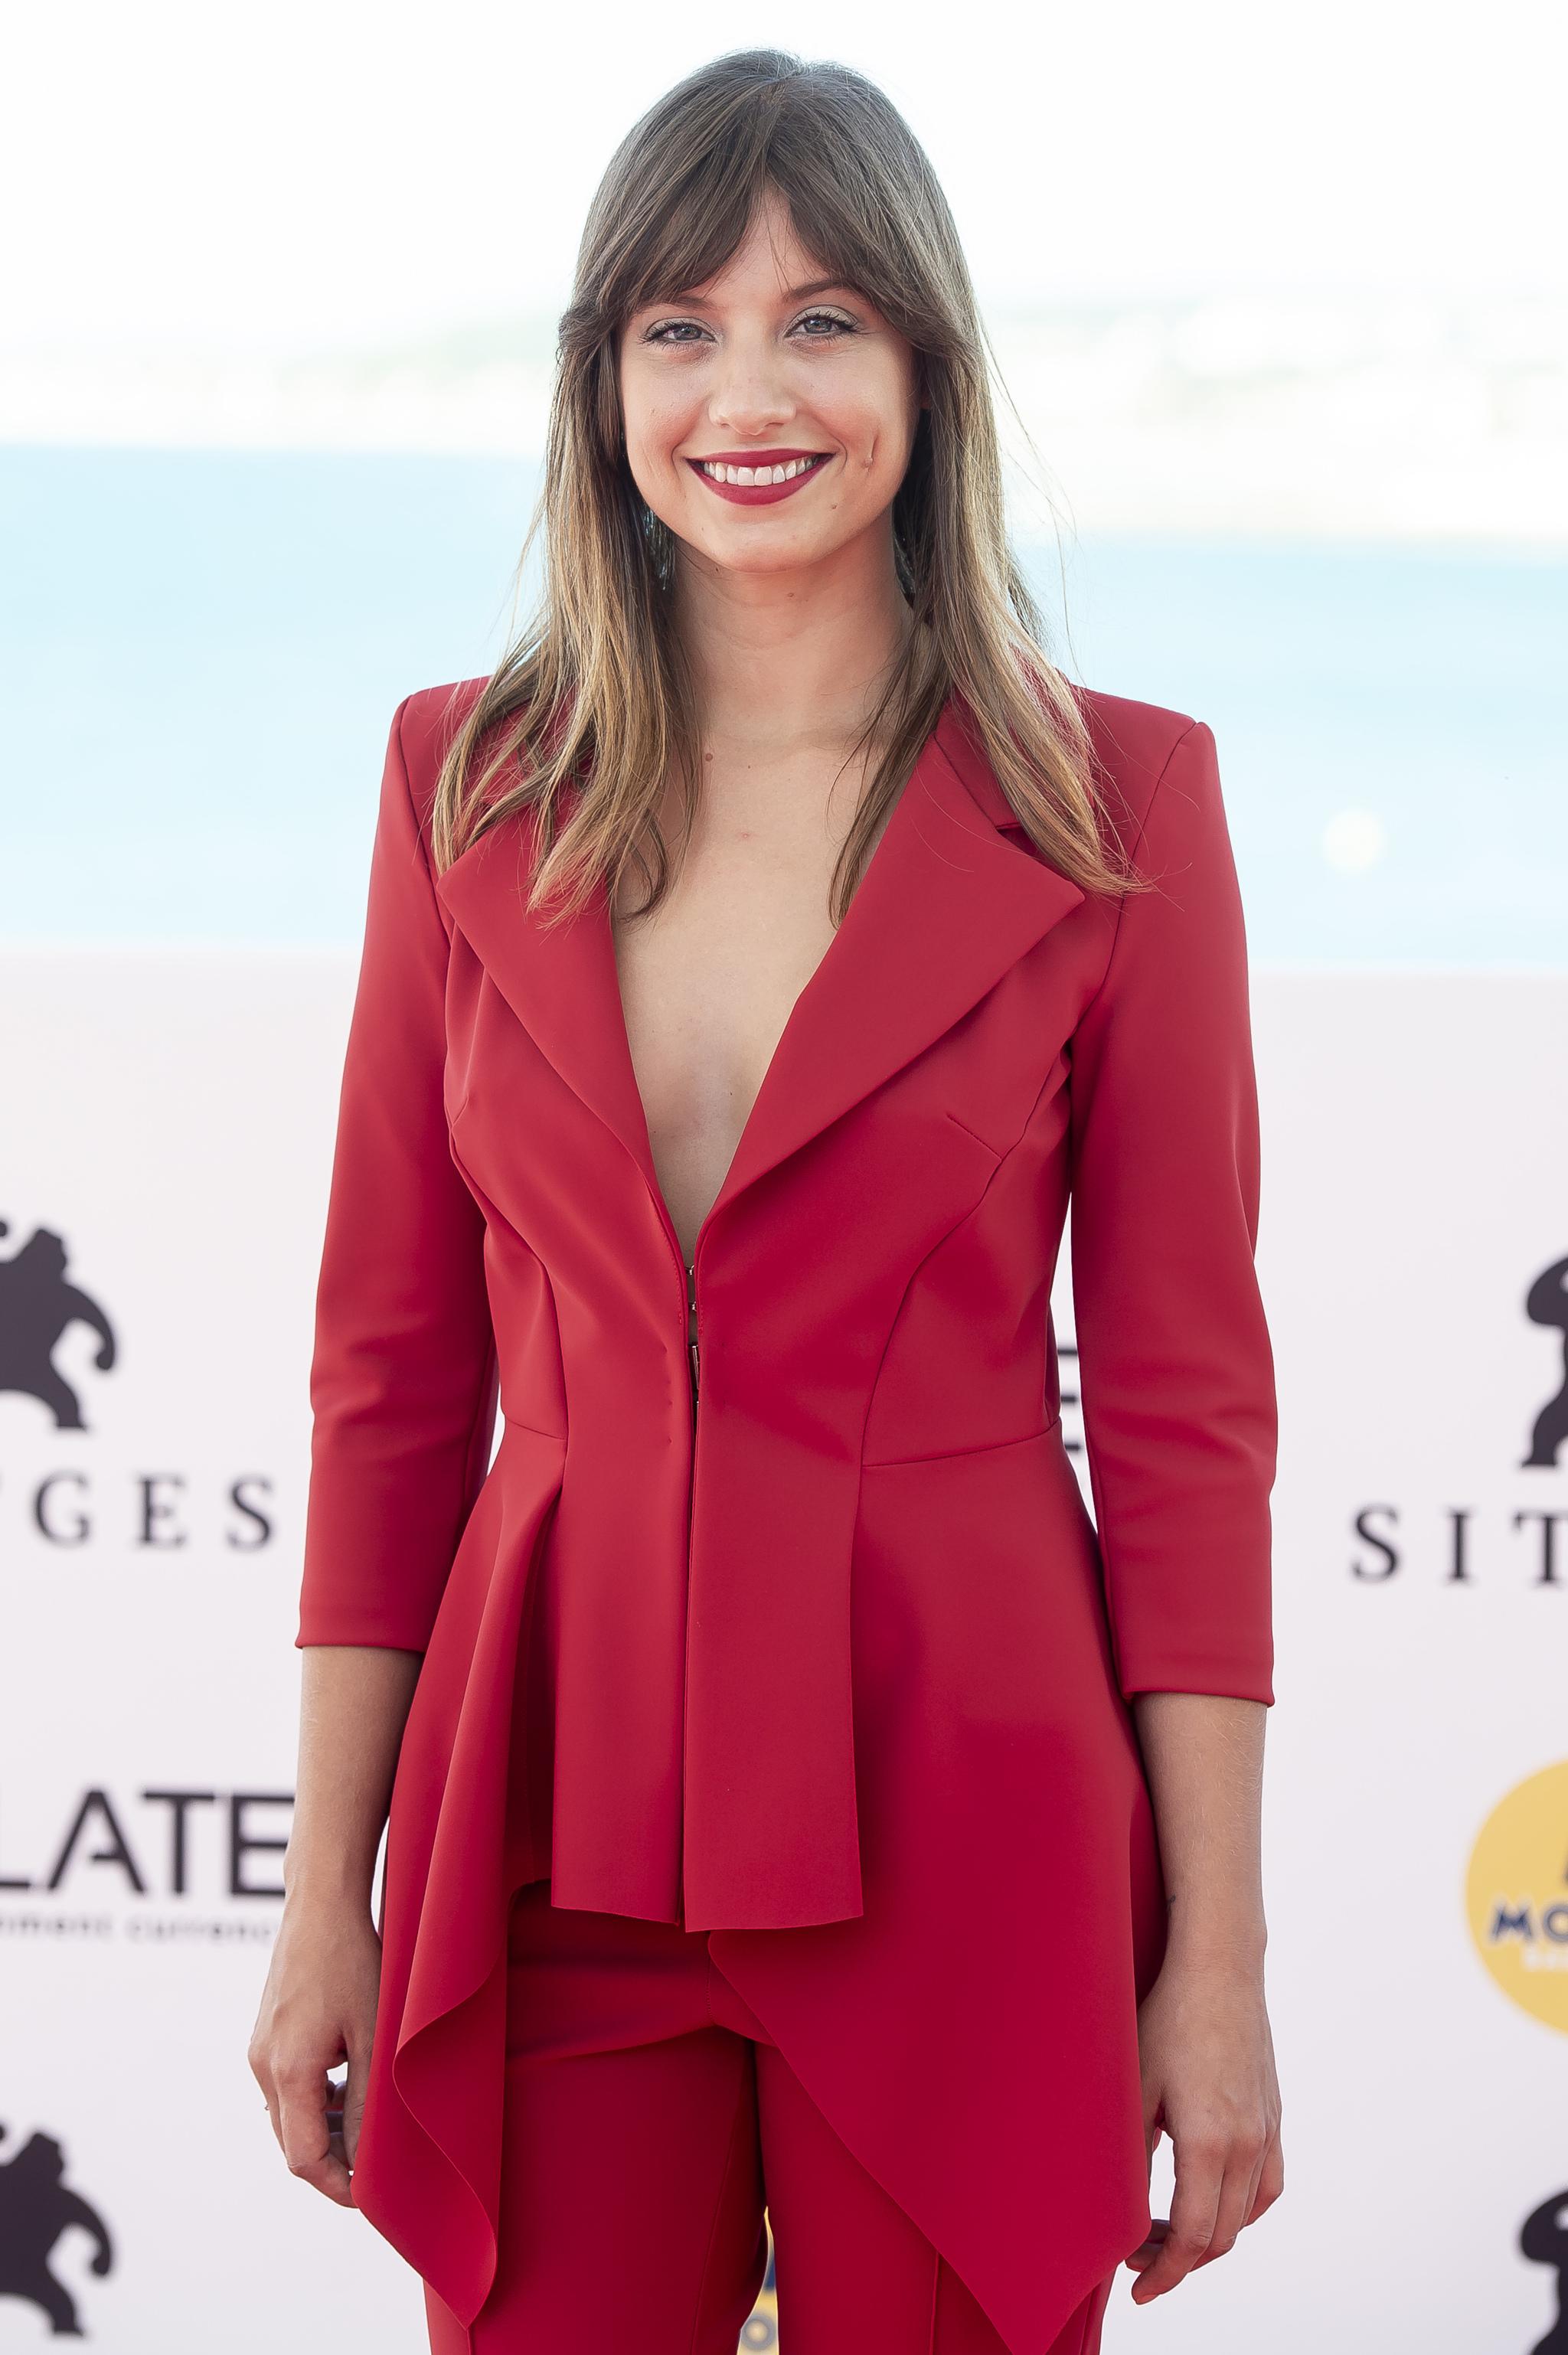 Michelle Jenner durante el Festival de cine de Sitges.